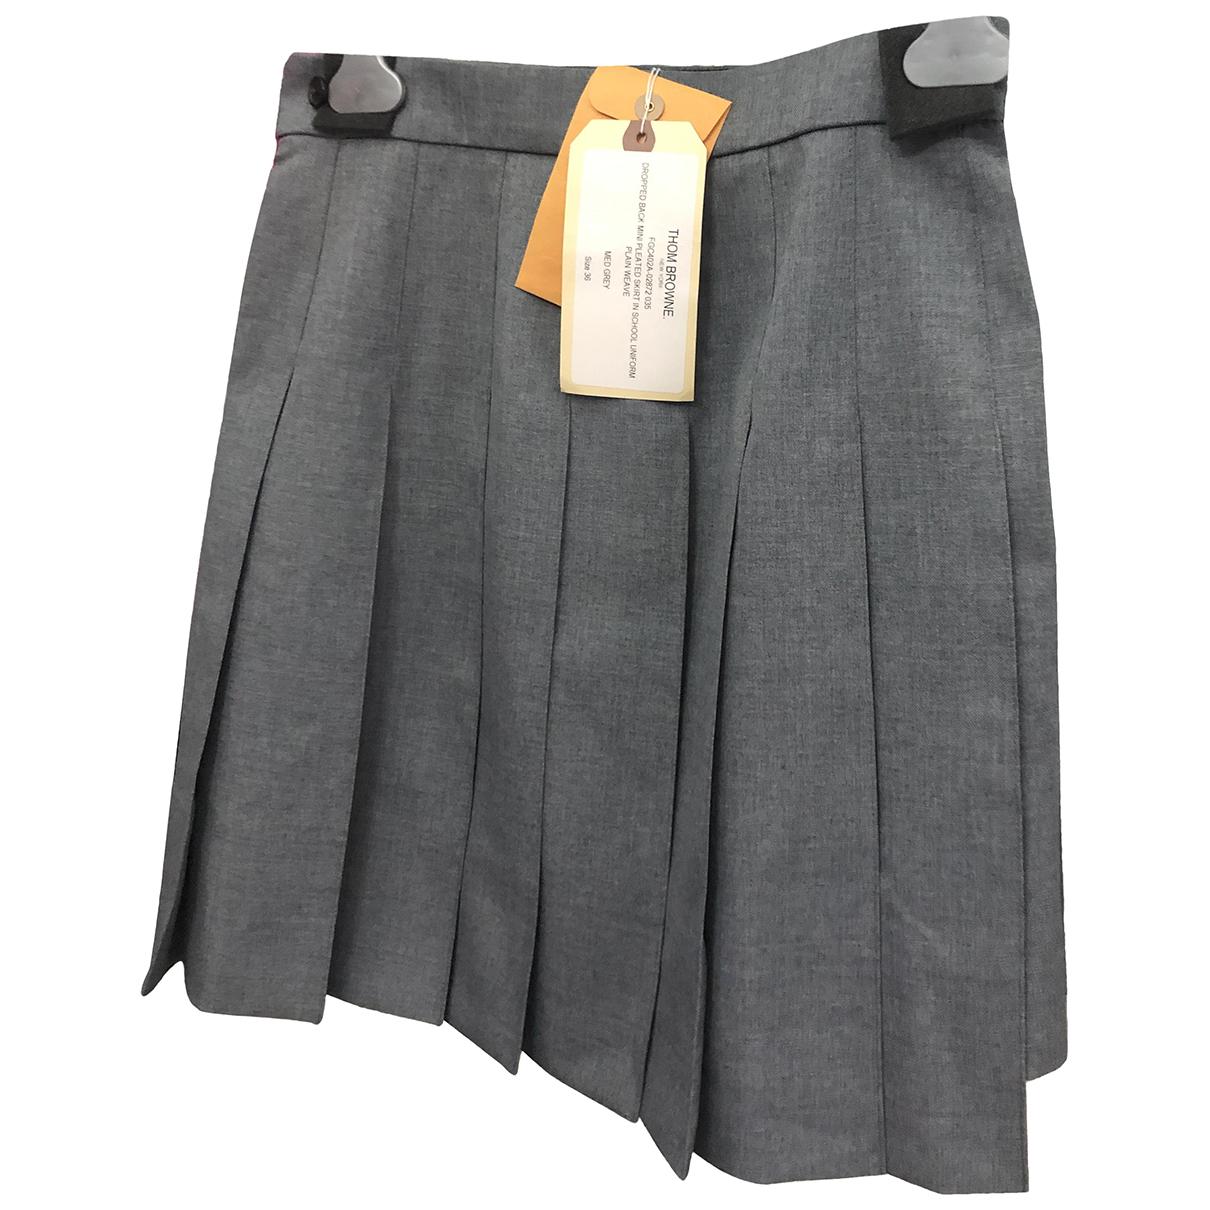 Thom Browne \N Grey Wool skirt for Women 36 IT